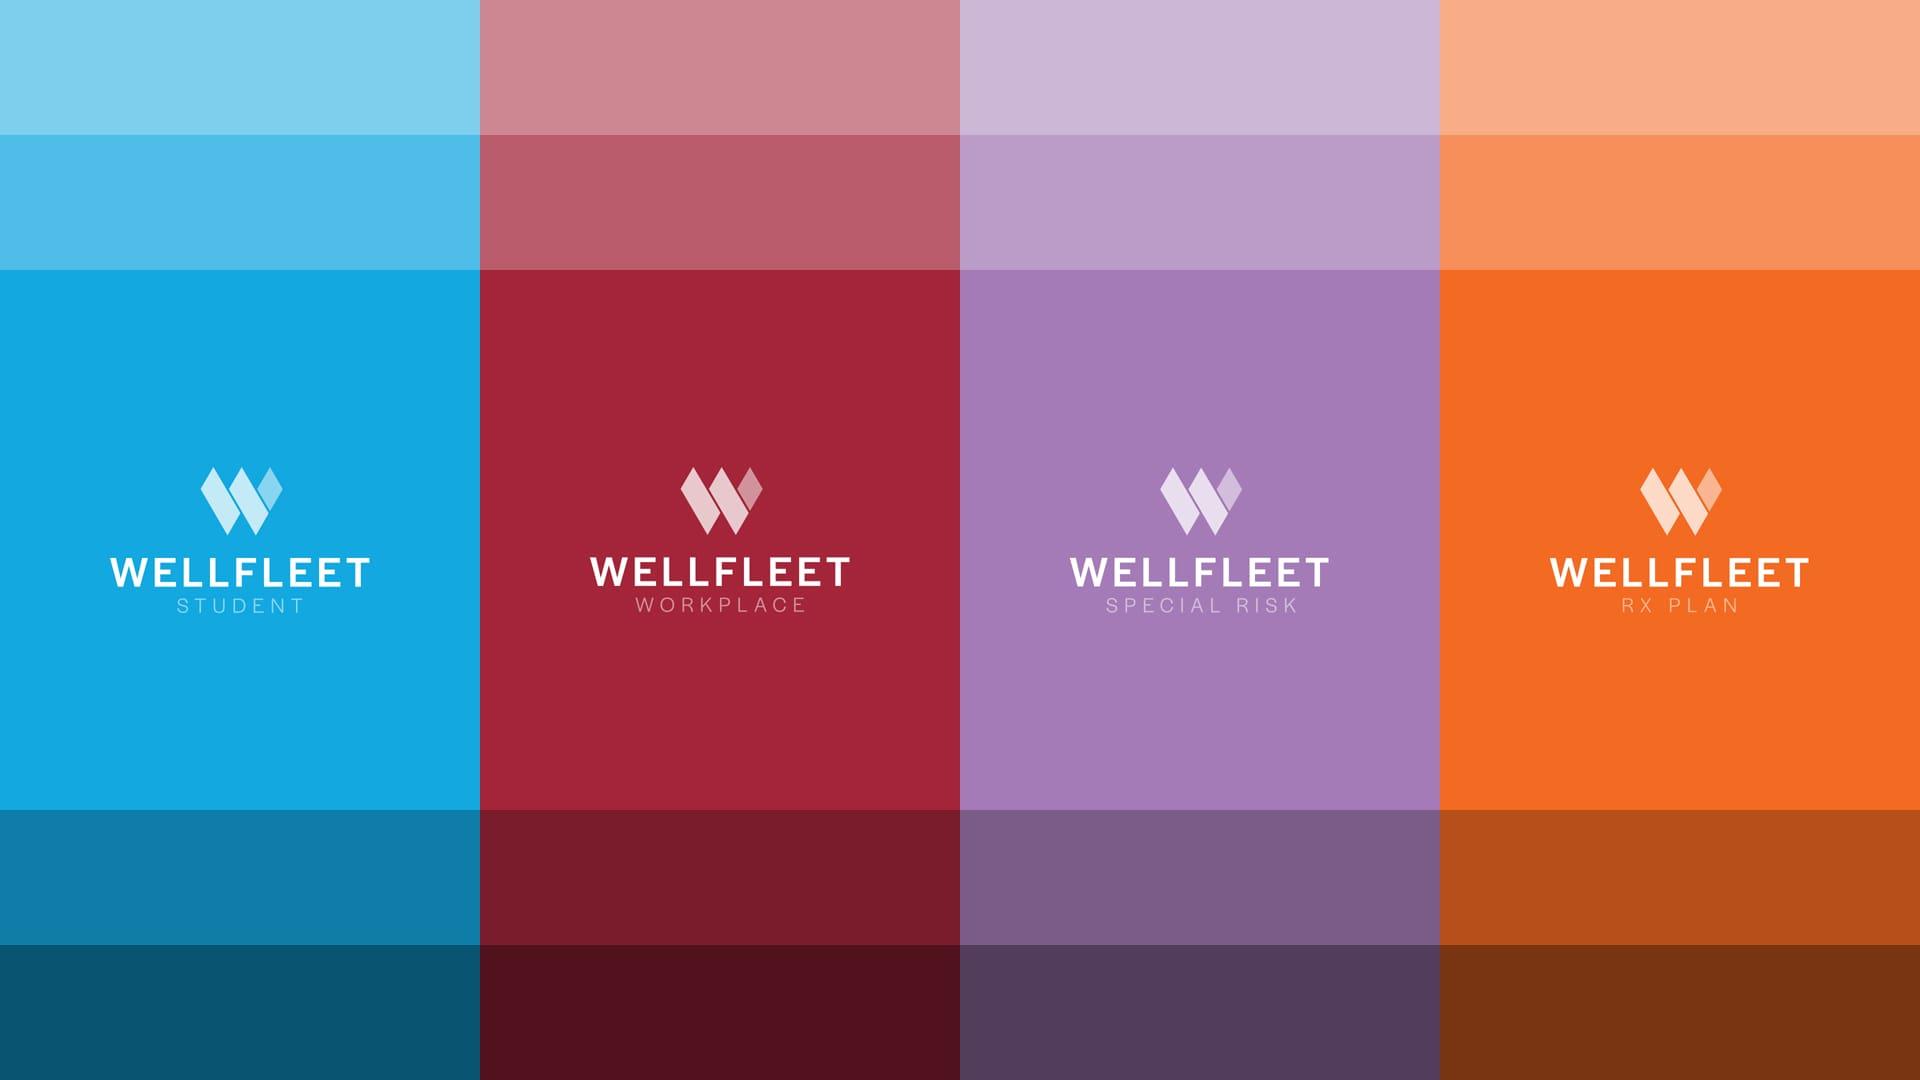 DIF Design Project - Wellfleet new logo deprtments